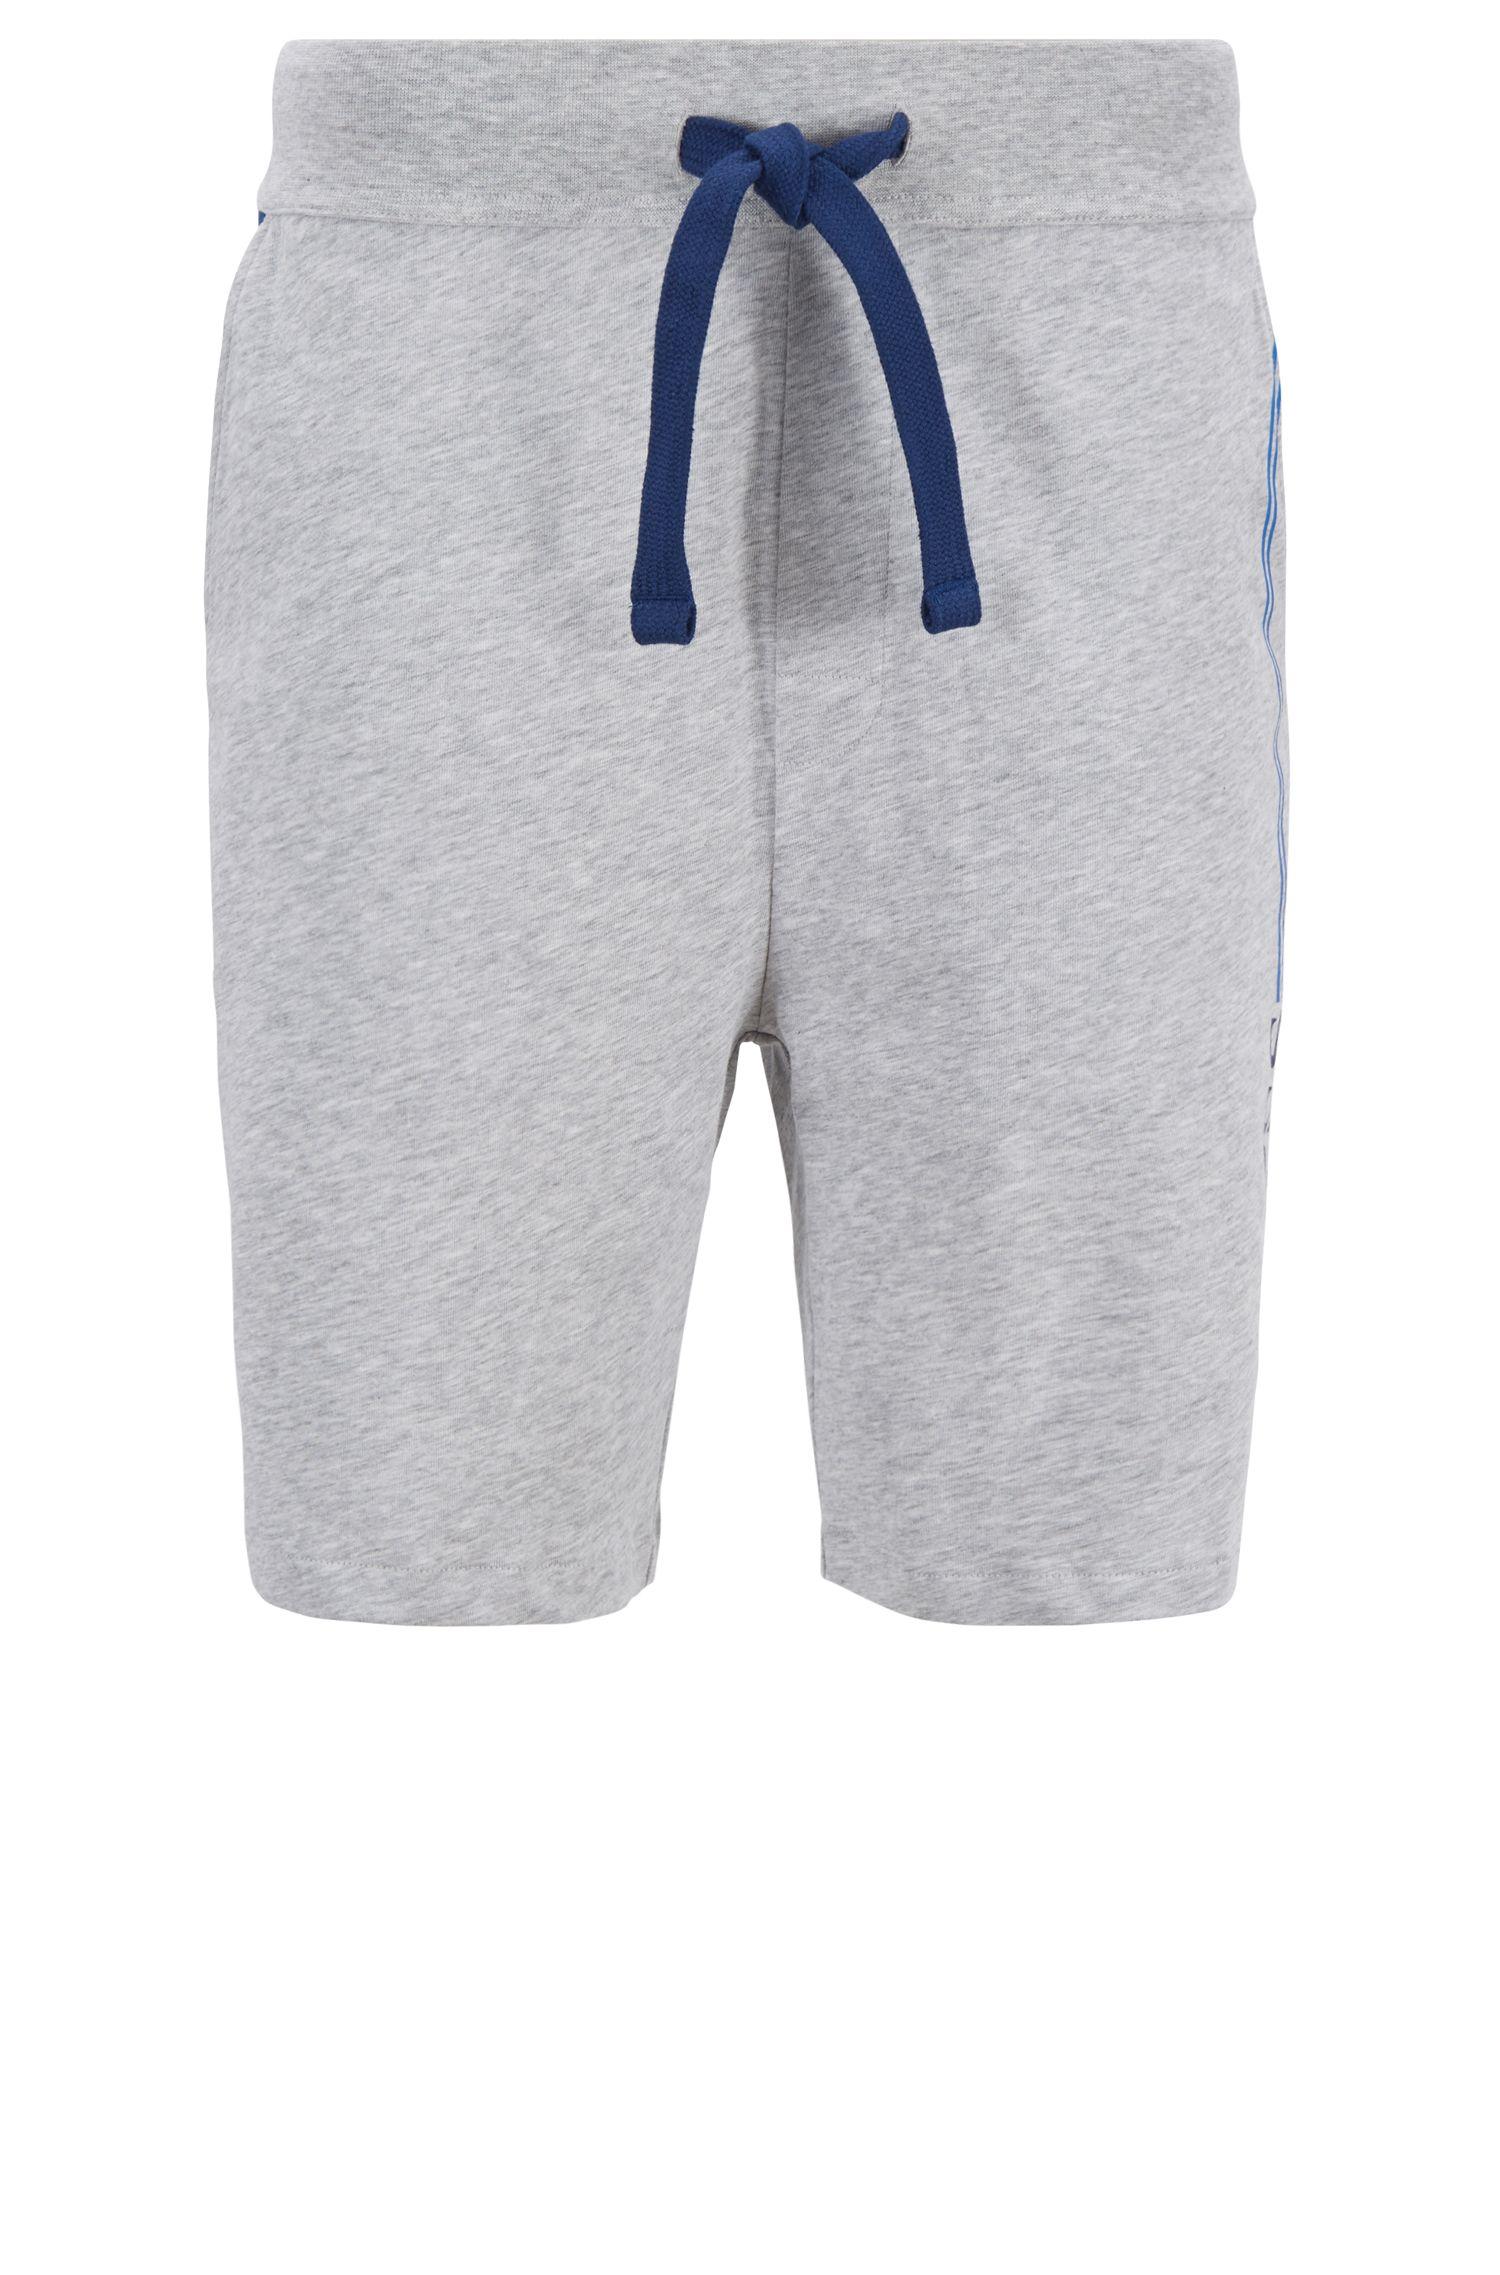 Shorts loungewear de punto de algodón con logo estampado, Gris